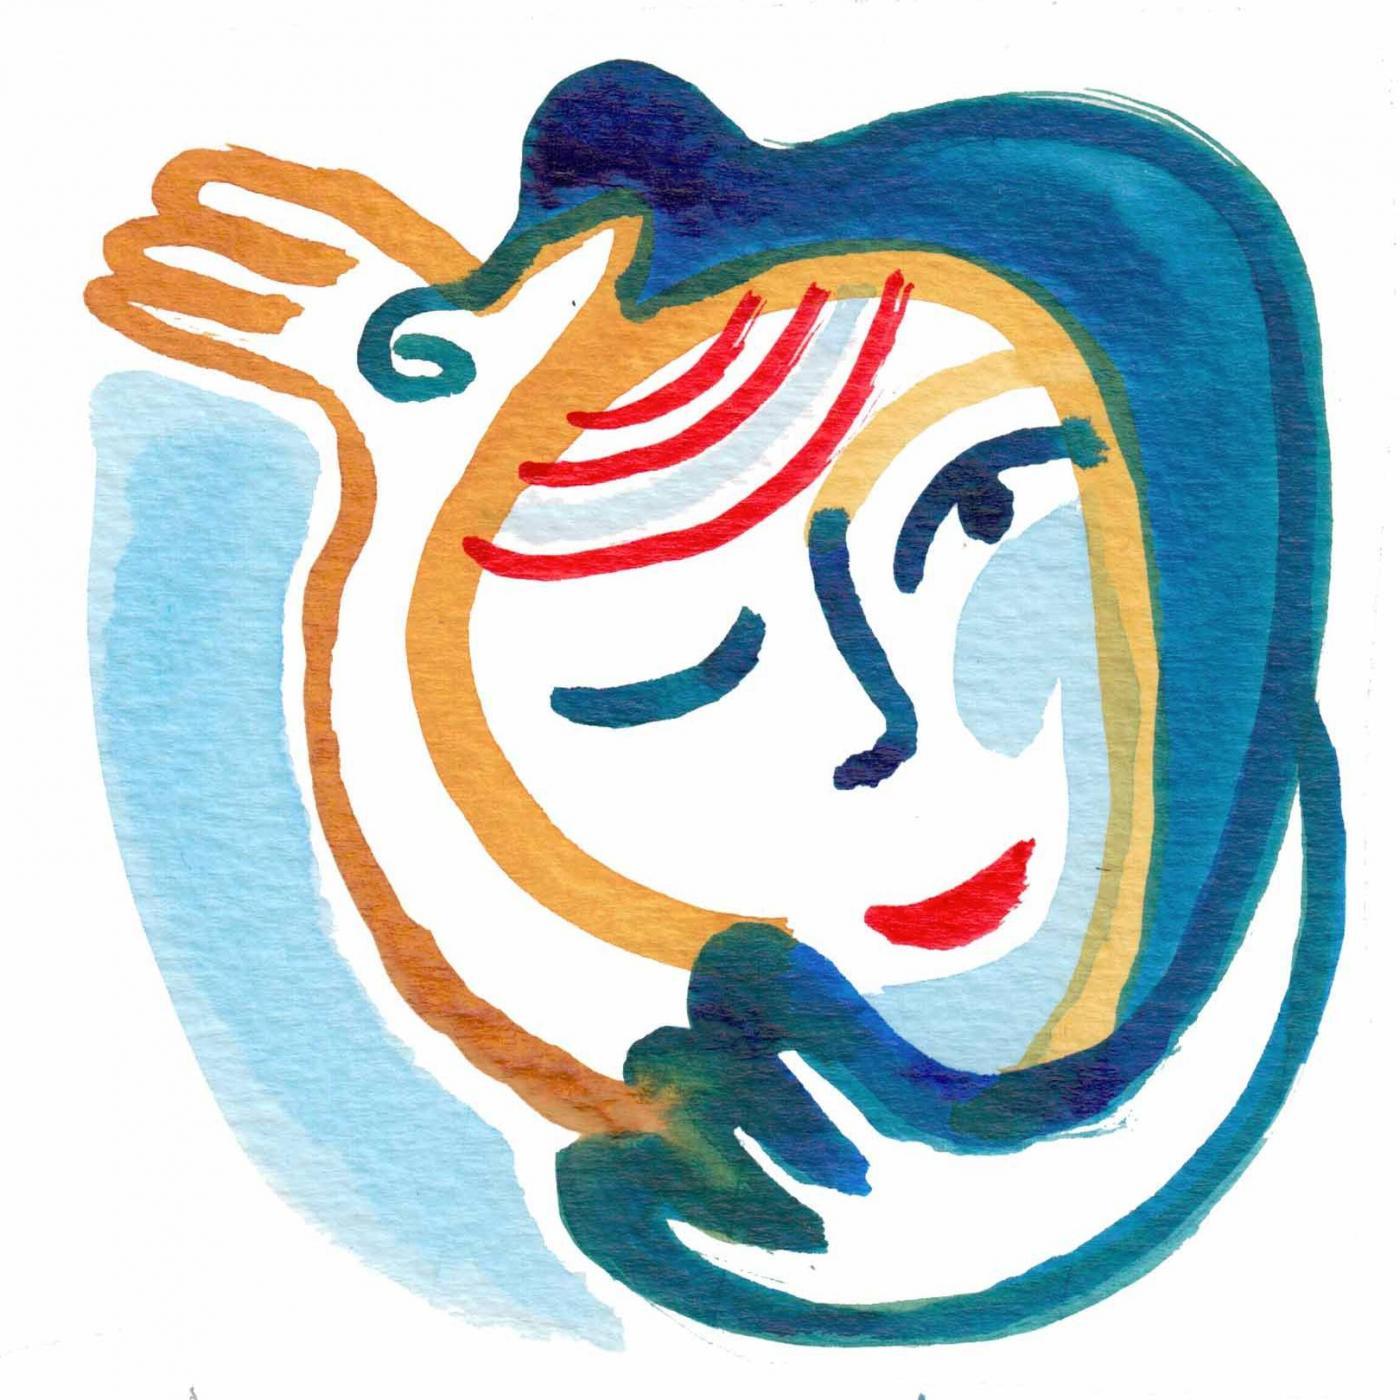 MHOOJ-Mindful - Just Pause logo